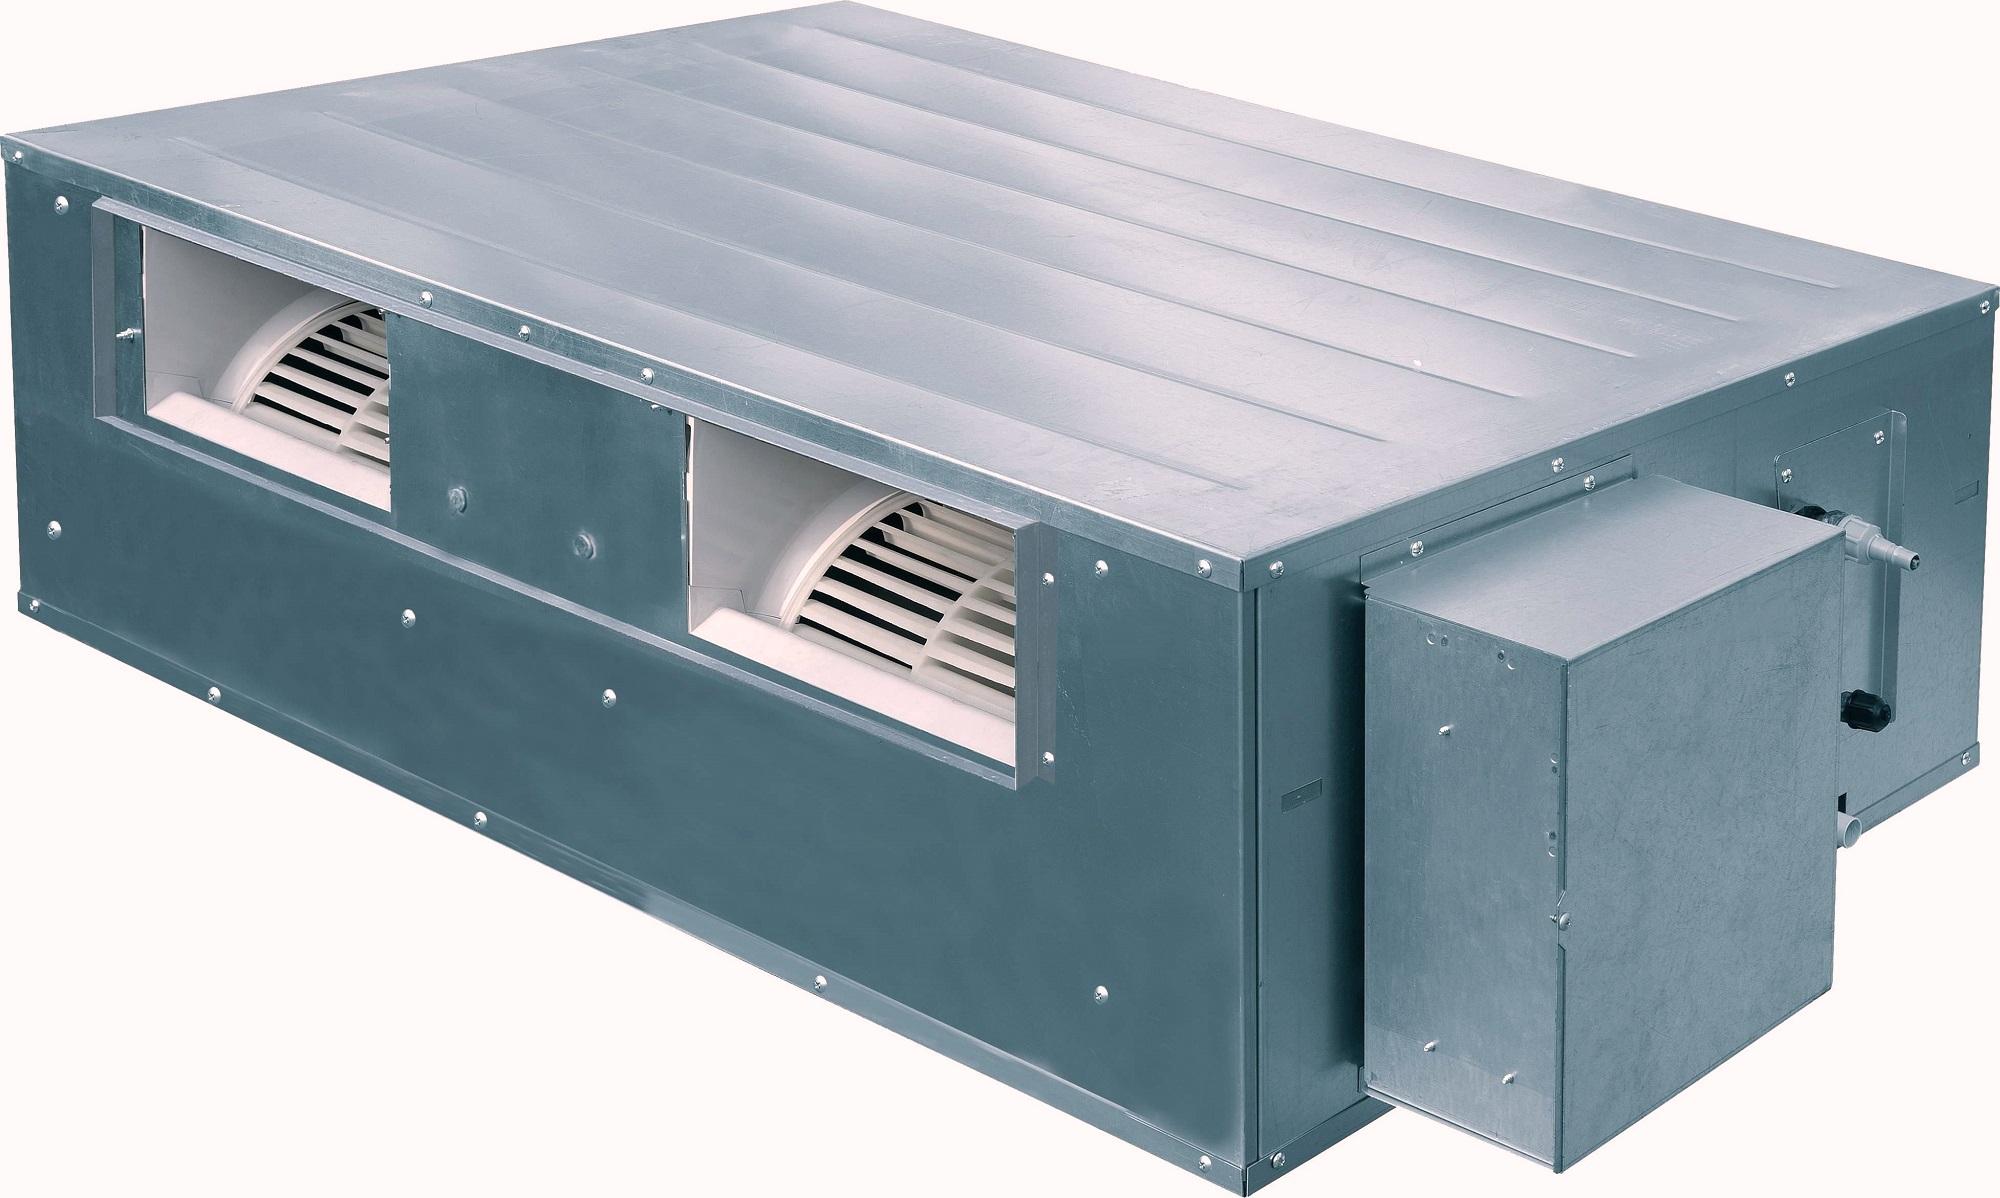 KTI-48HWB32 / KOE30U-48HFN32